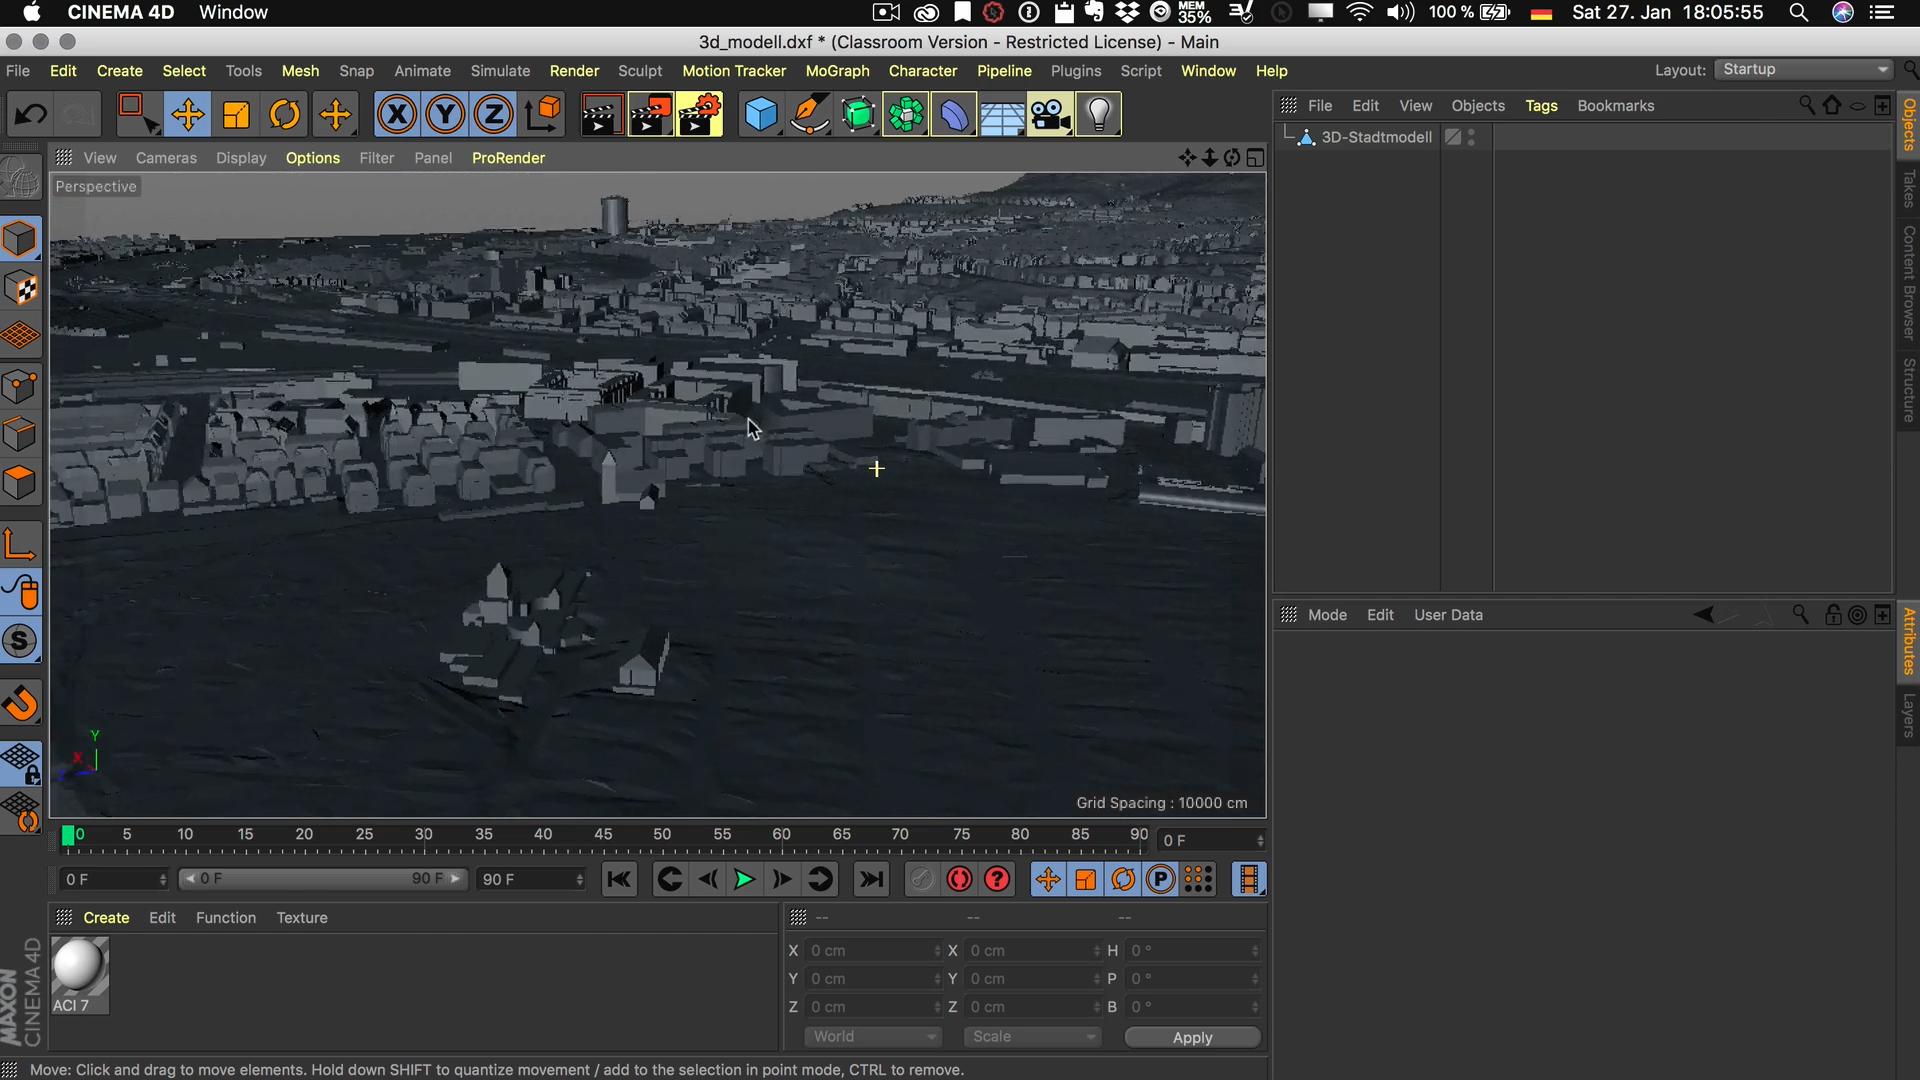 Cinema4D 3D-Stadtmodell Viewport Editor dunkler